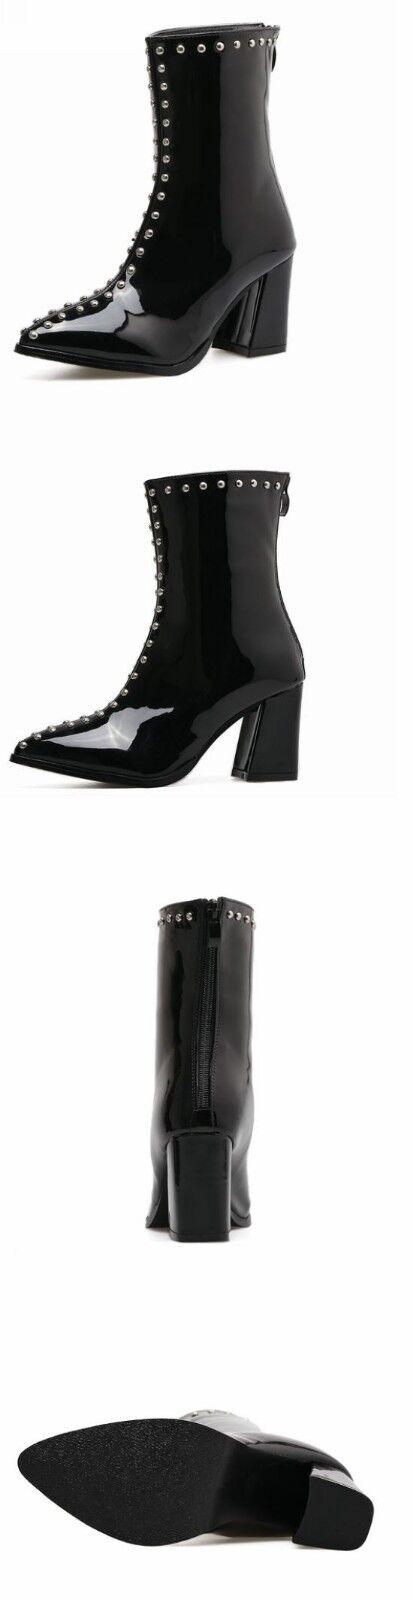 Booties Stiefel heel square shiny schwarz studs 7.5 cm Leder like Leder cm 1368 cfe53a